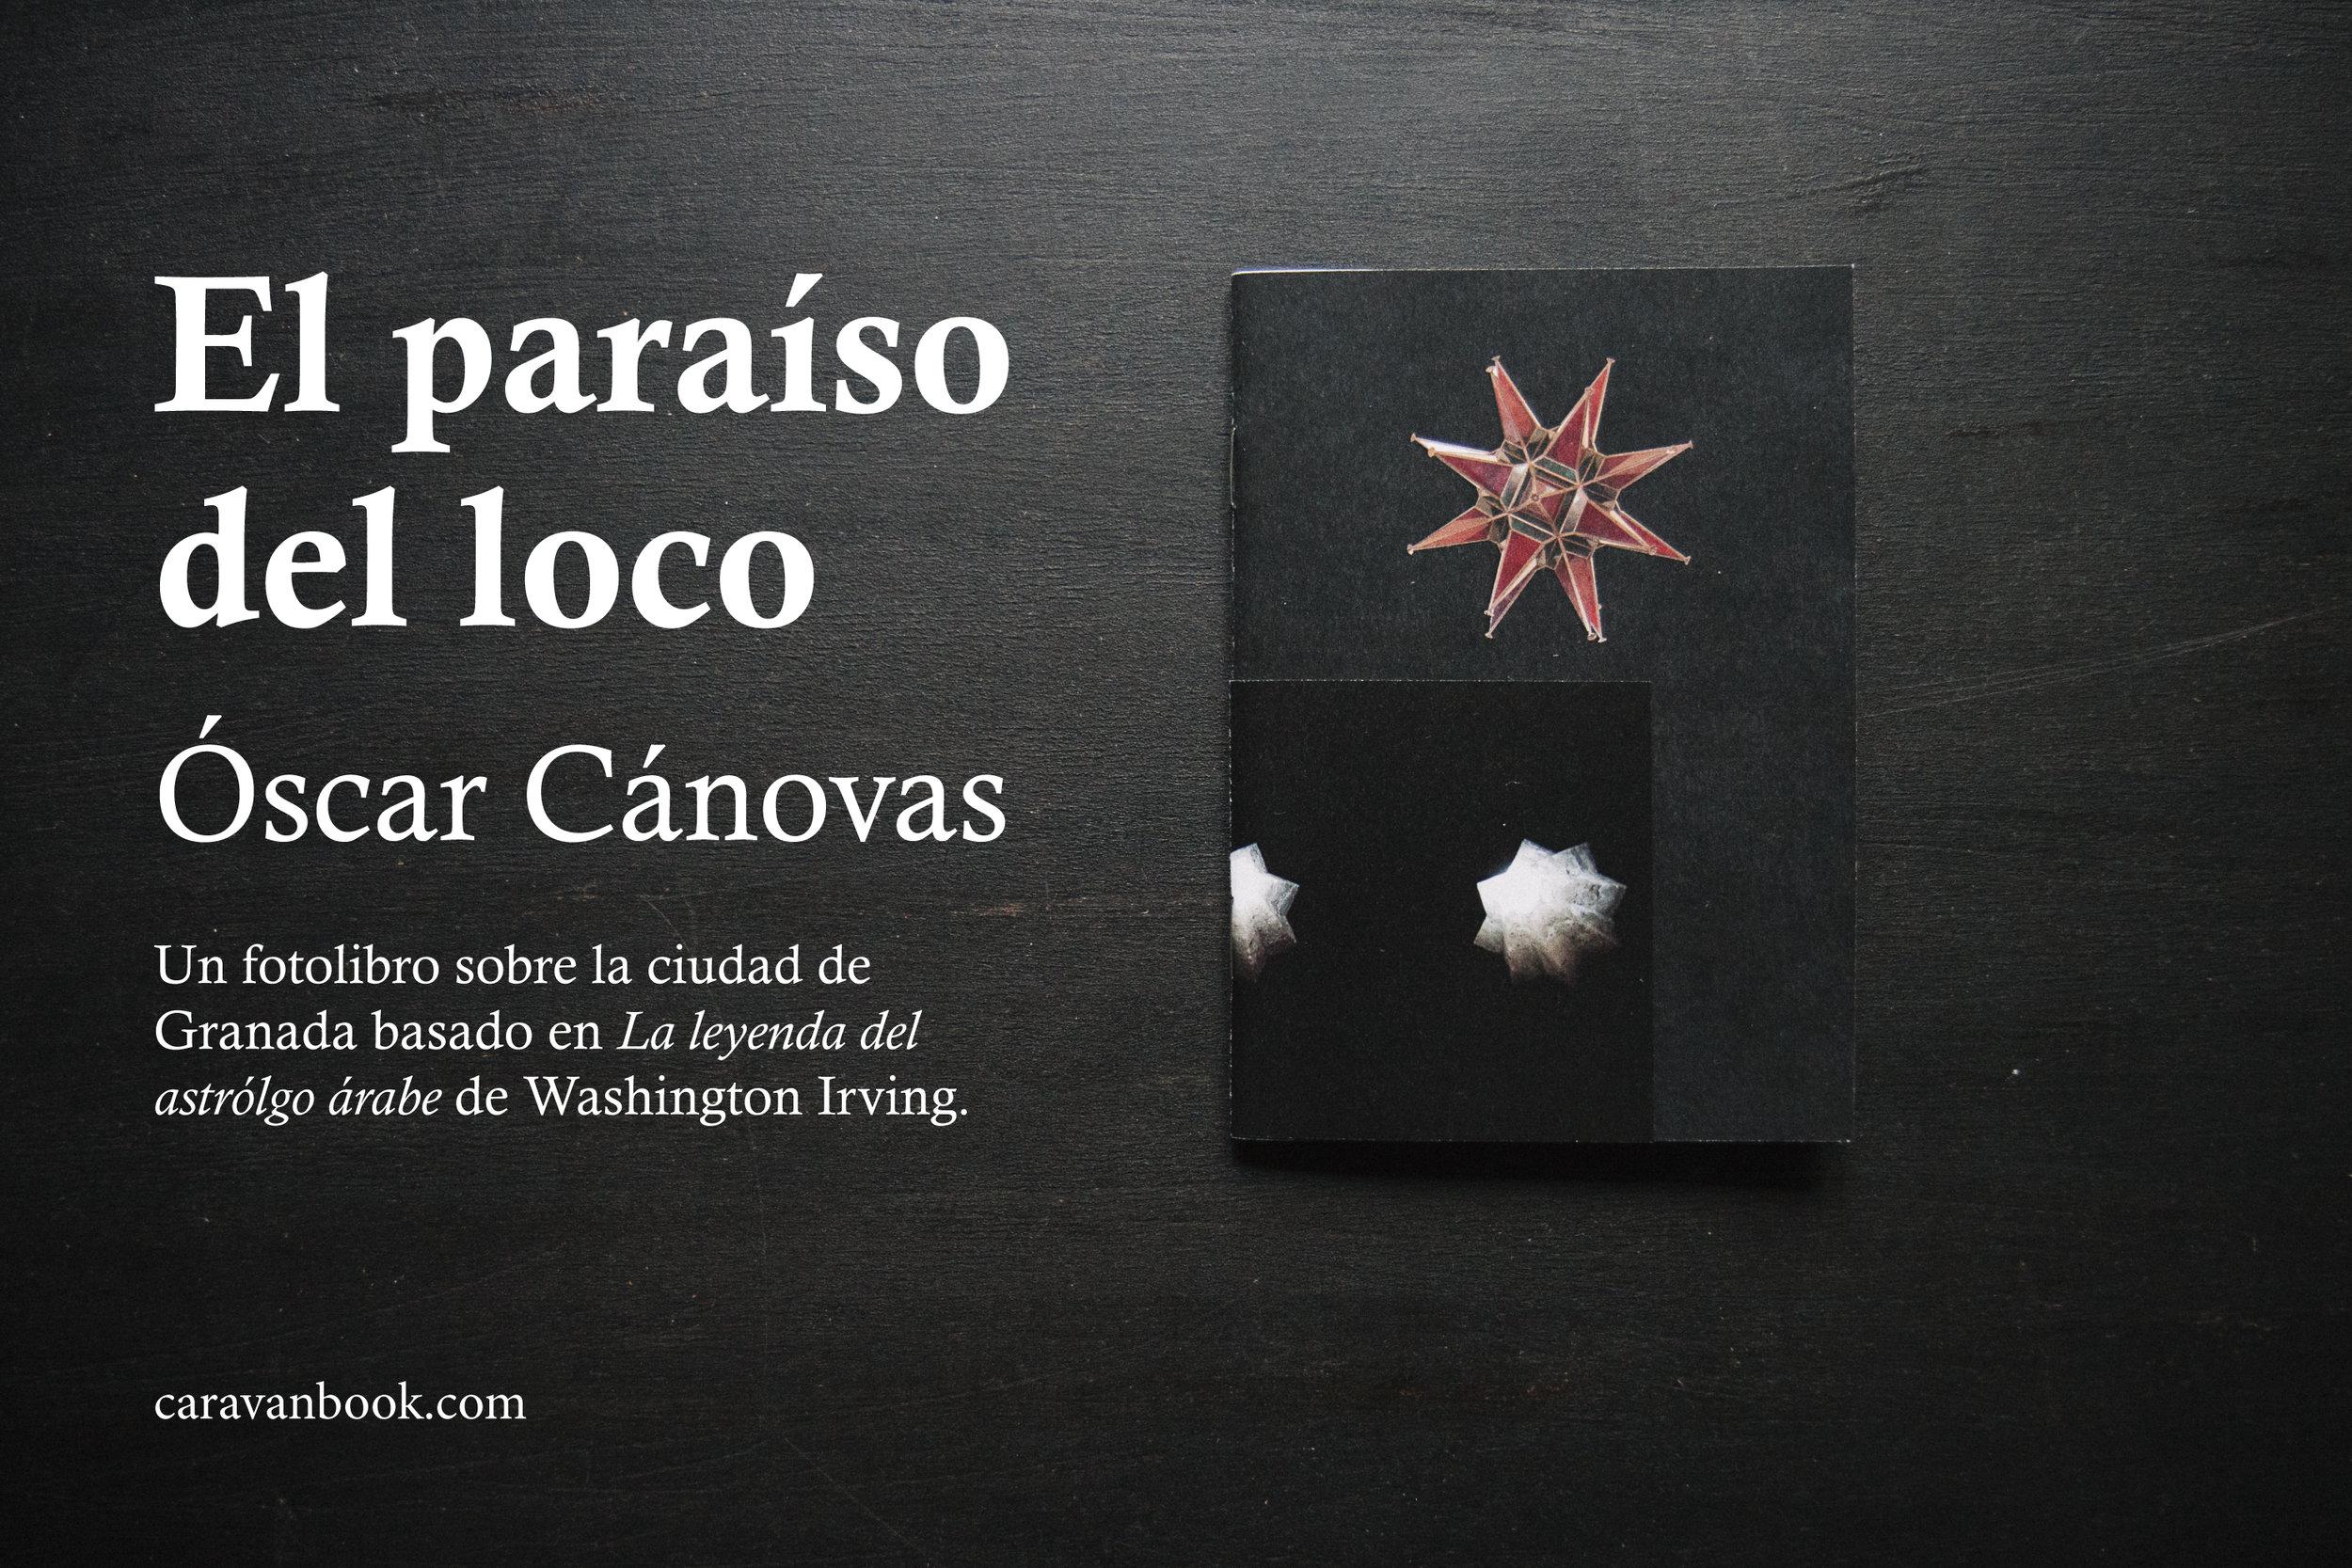 """Lanzamiento del nuevo fotolibro """"El paraíso del loco"""" de Óscar Cánovas. Un libro sobre Granada basado en """"La Leyenda del astrólogo árabe"""" de Washington Irving."""